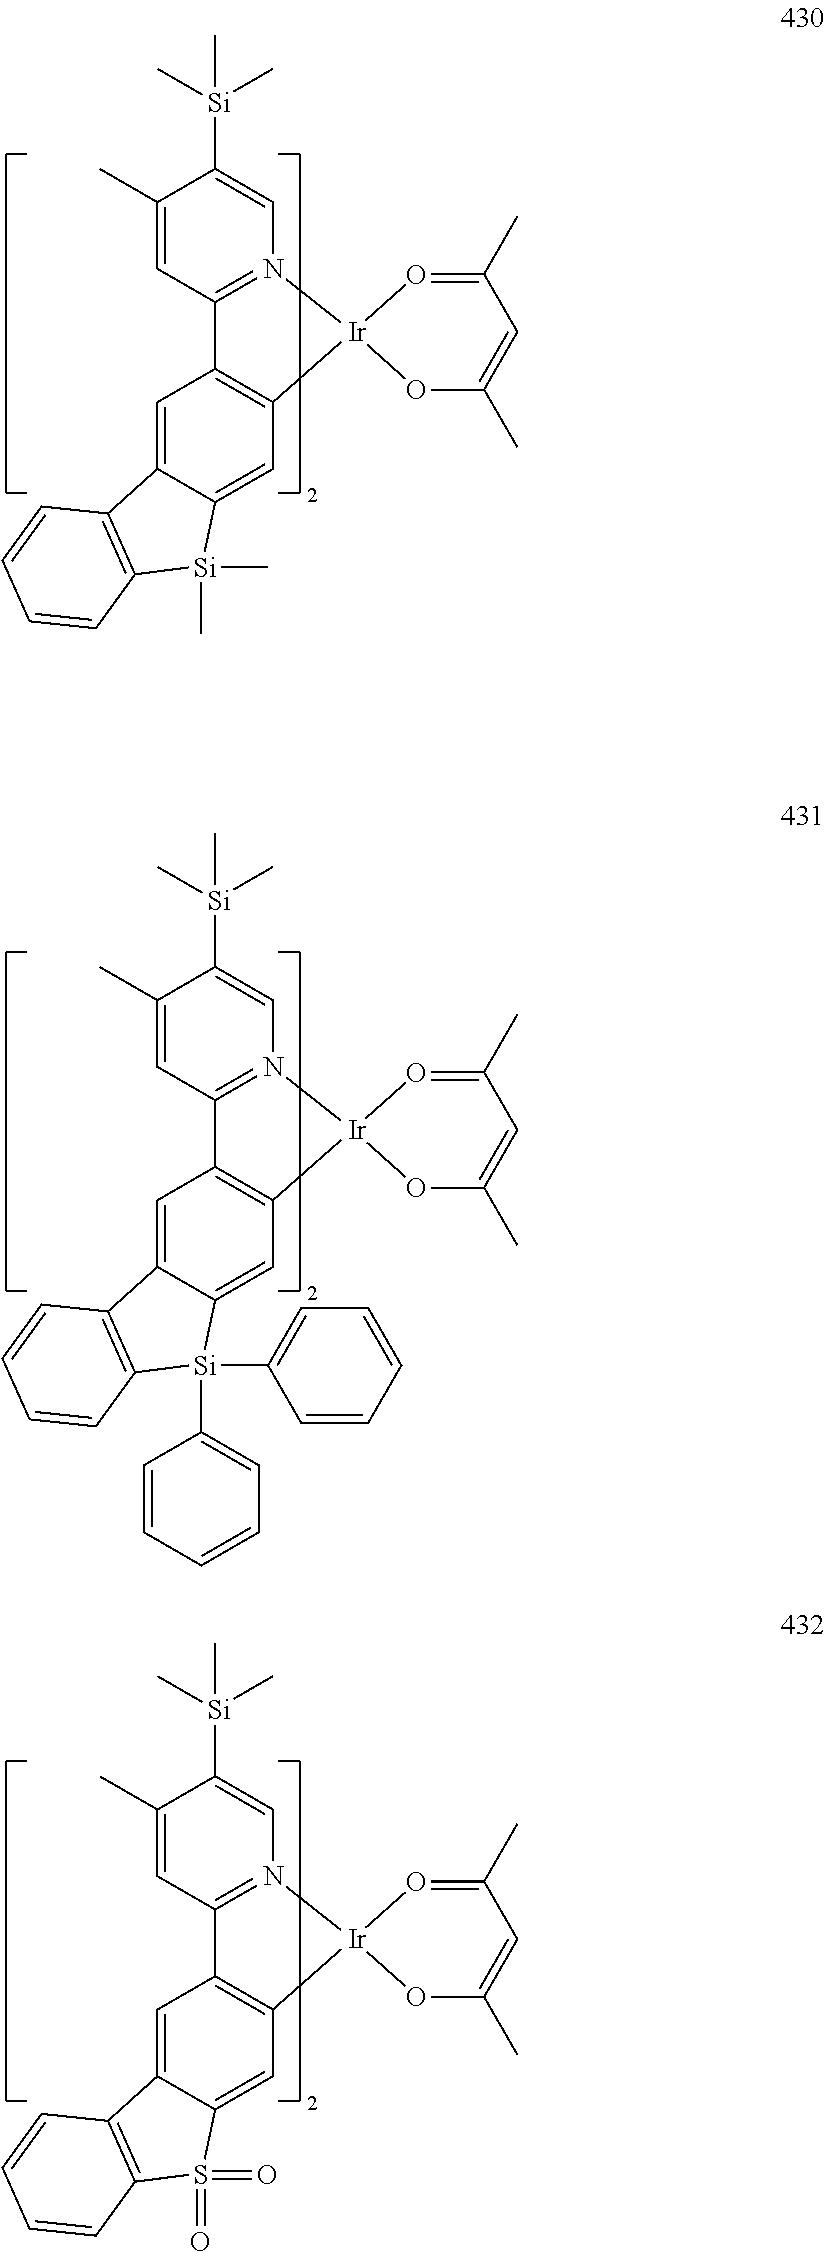 Figure US20160155962A1-20160602-C00189